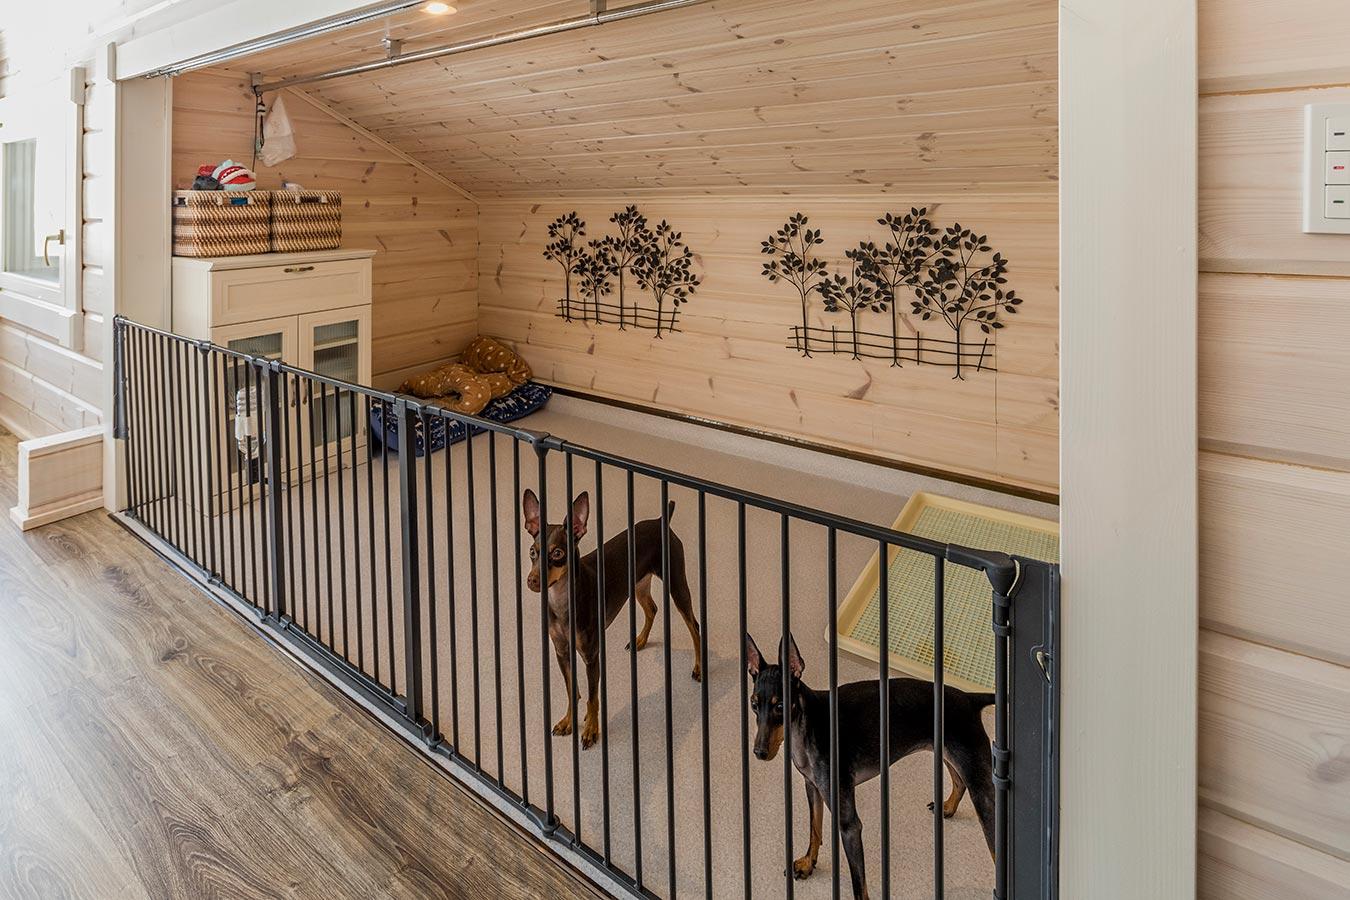 ワンちゃん専用スペースも設置し、愛犬にとってもストレスフリーな住空間